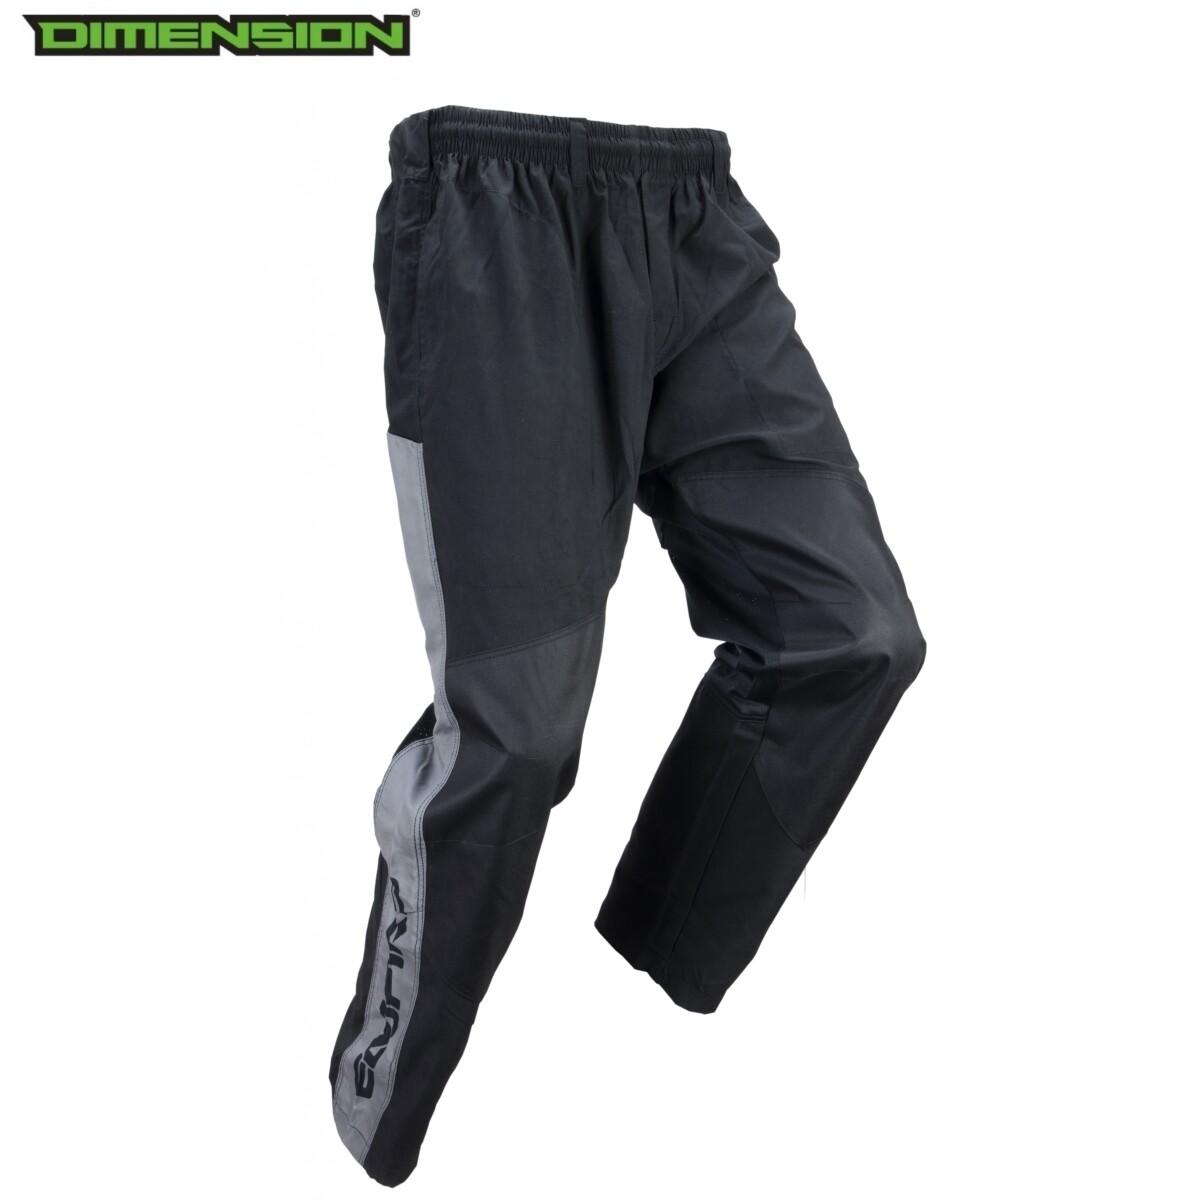 Empire Grind Pants - Black/Grey - XXL